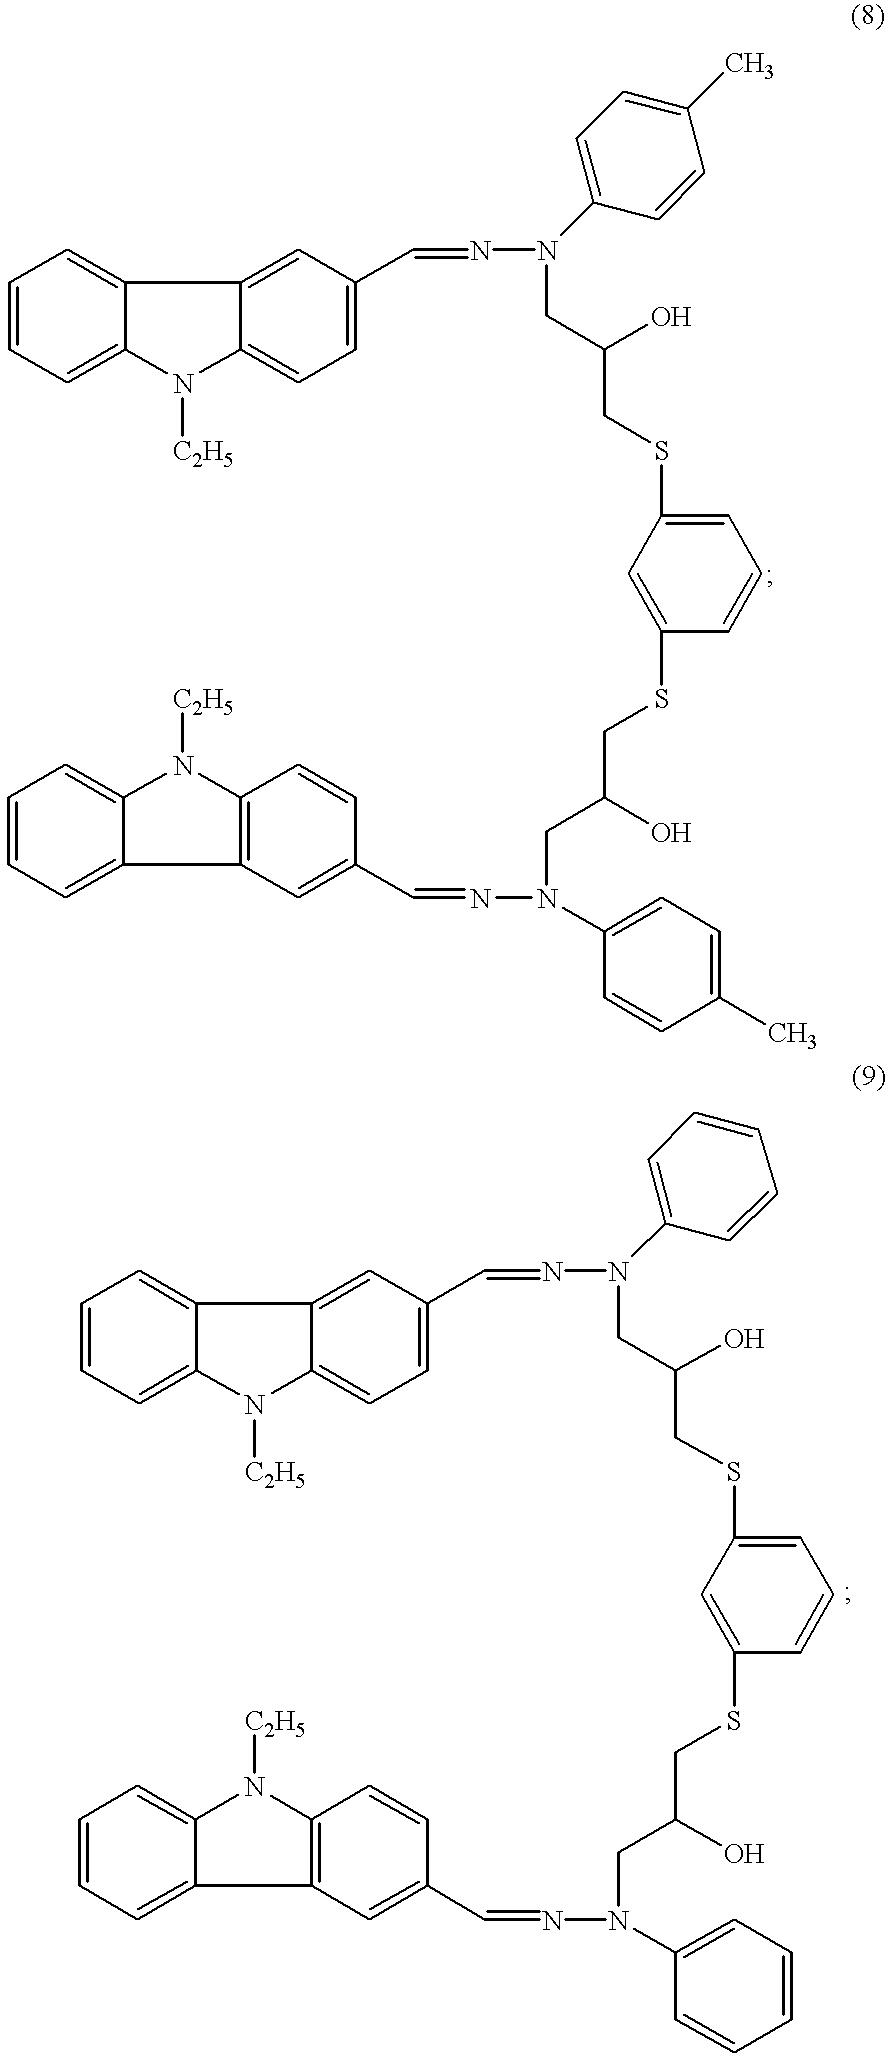 Figure US06214503-20010410-C00010